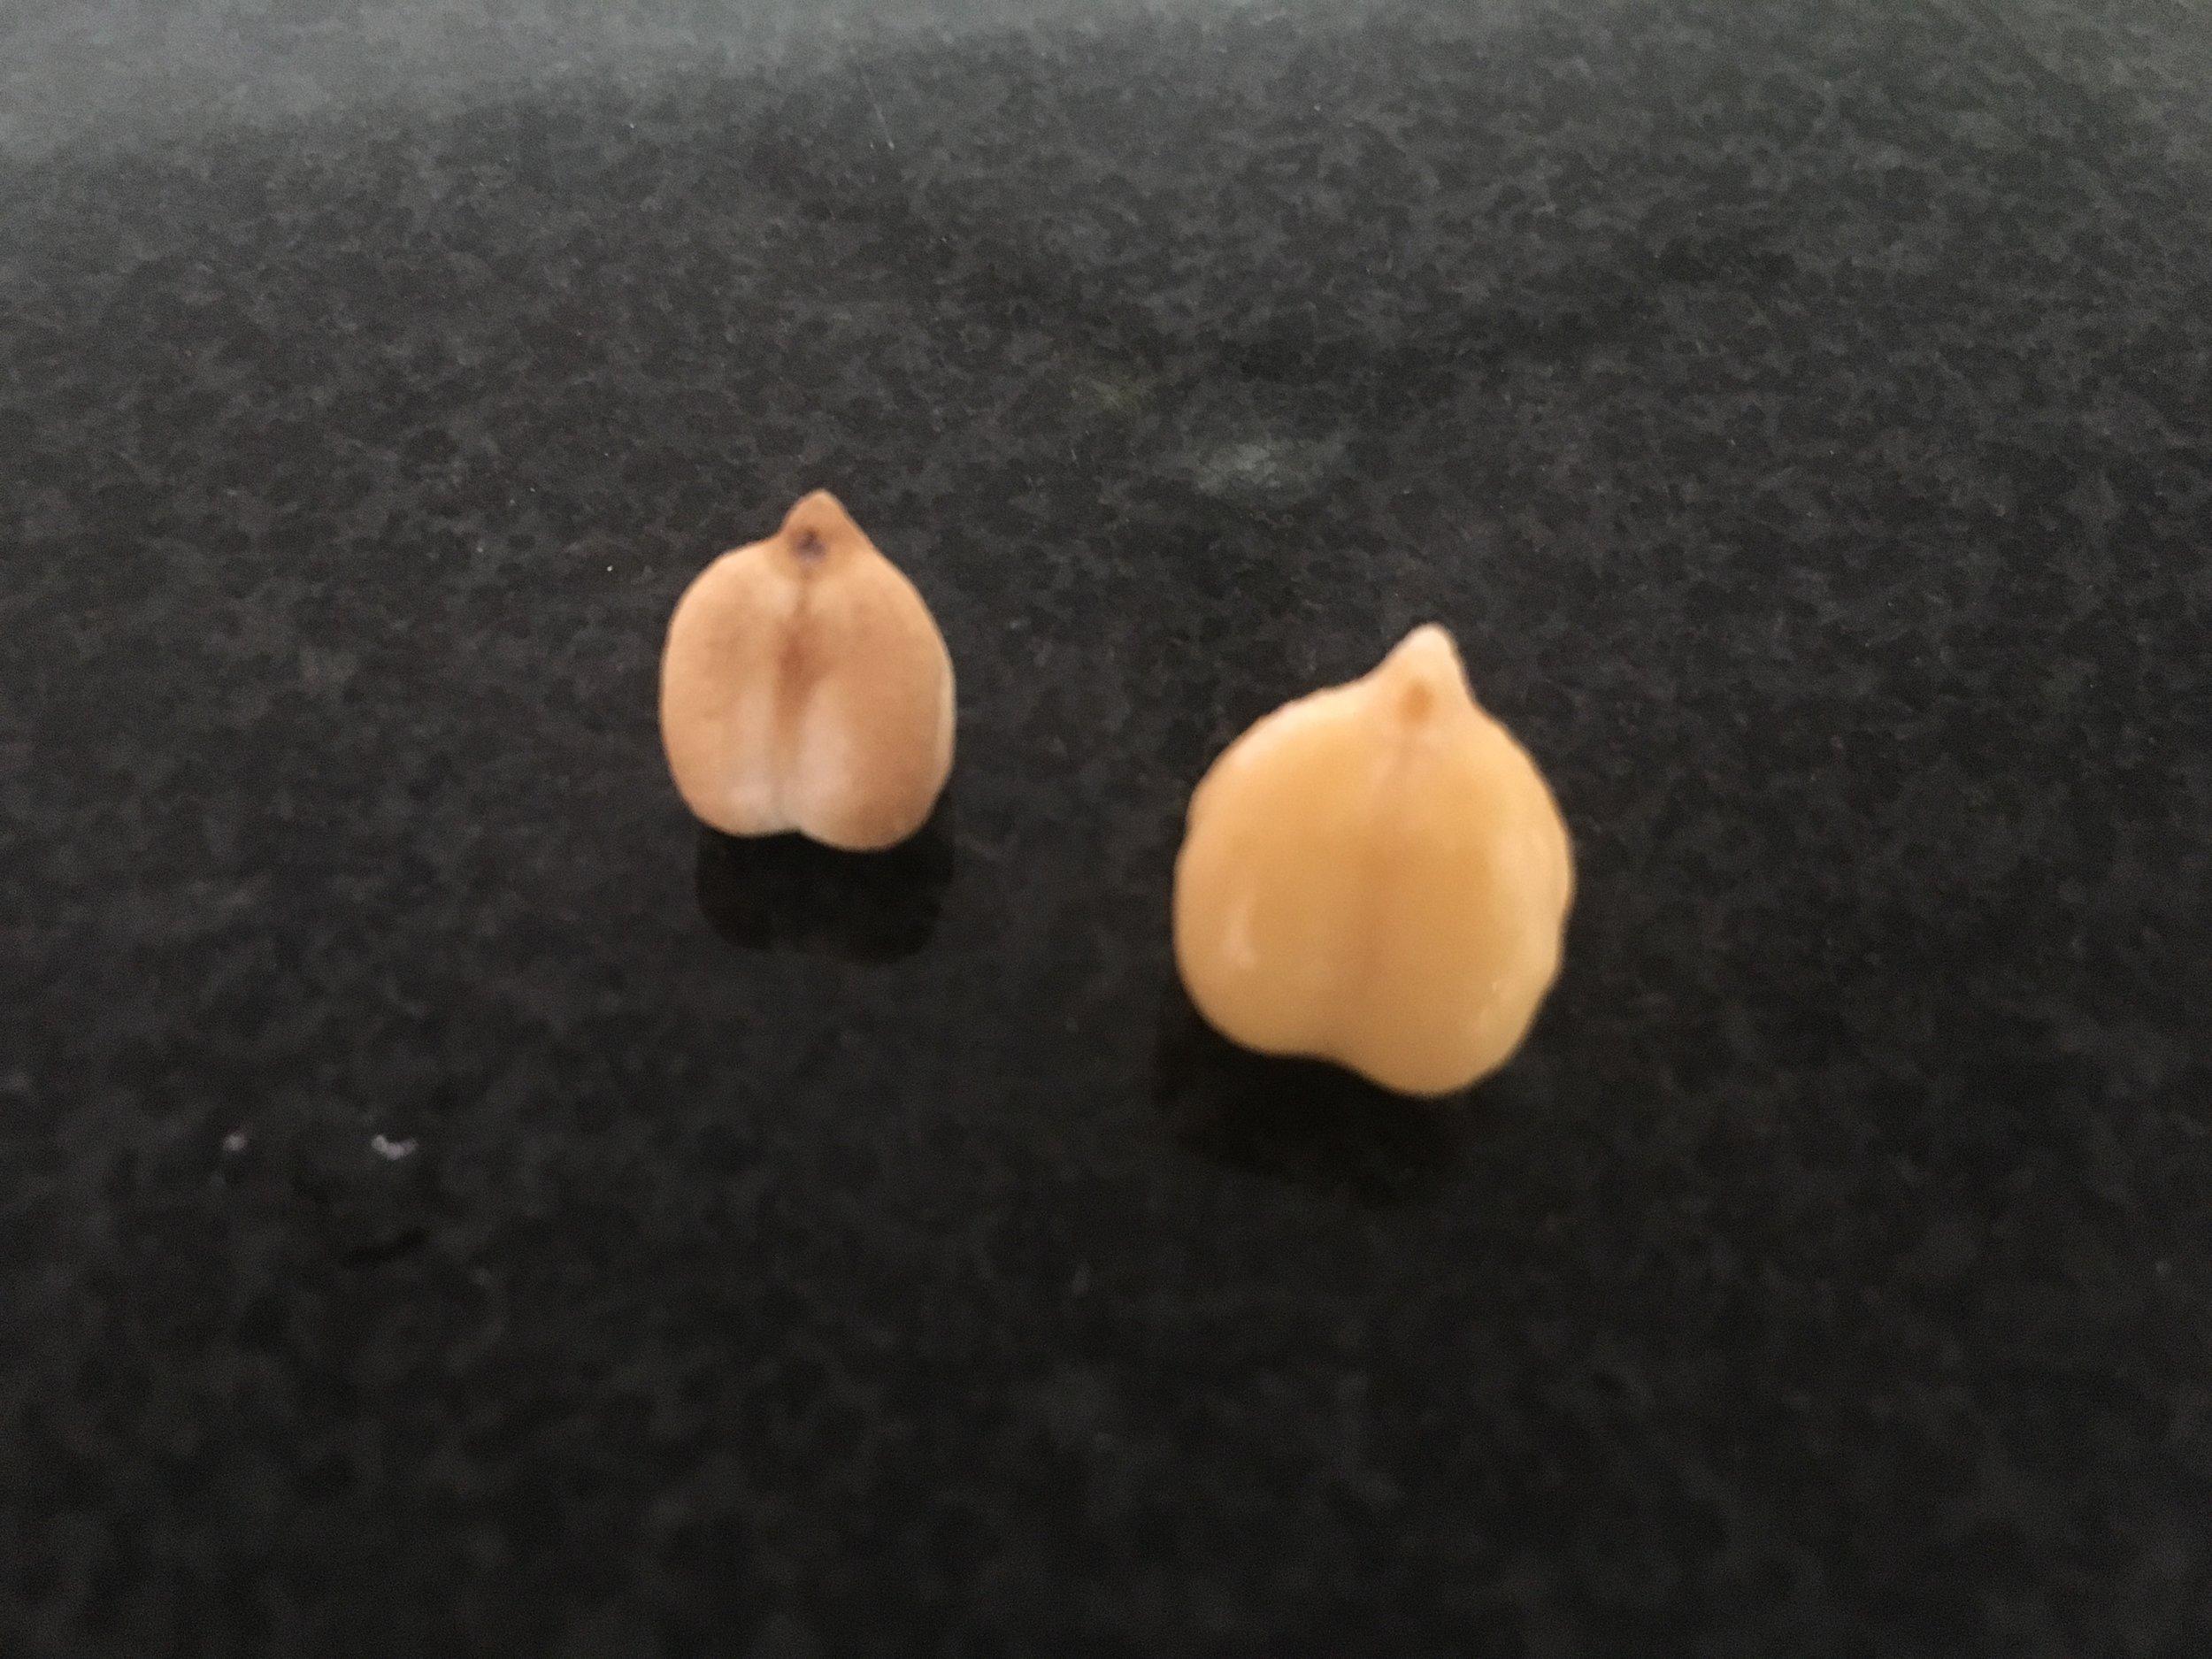 Aqui os grãos, antes e depois de permanecerem de molho. Pra dar uma referência de como o grão hidrata durante o remolho.